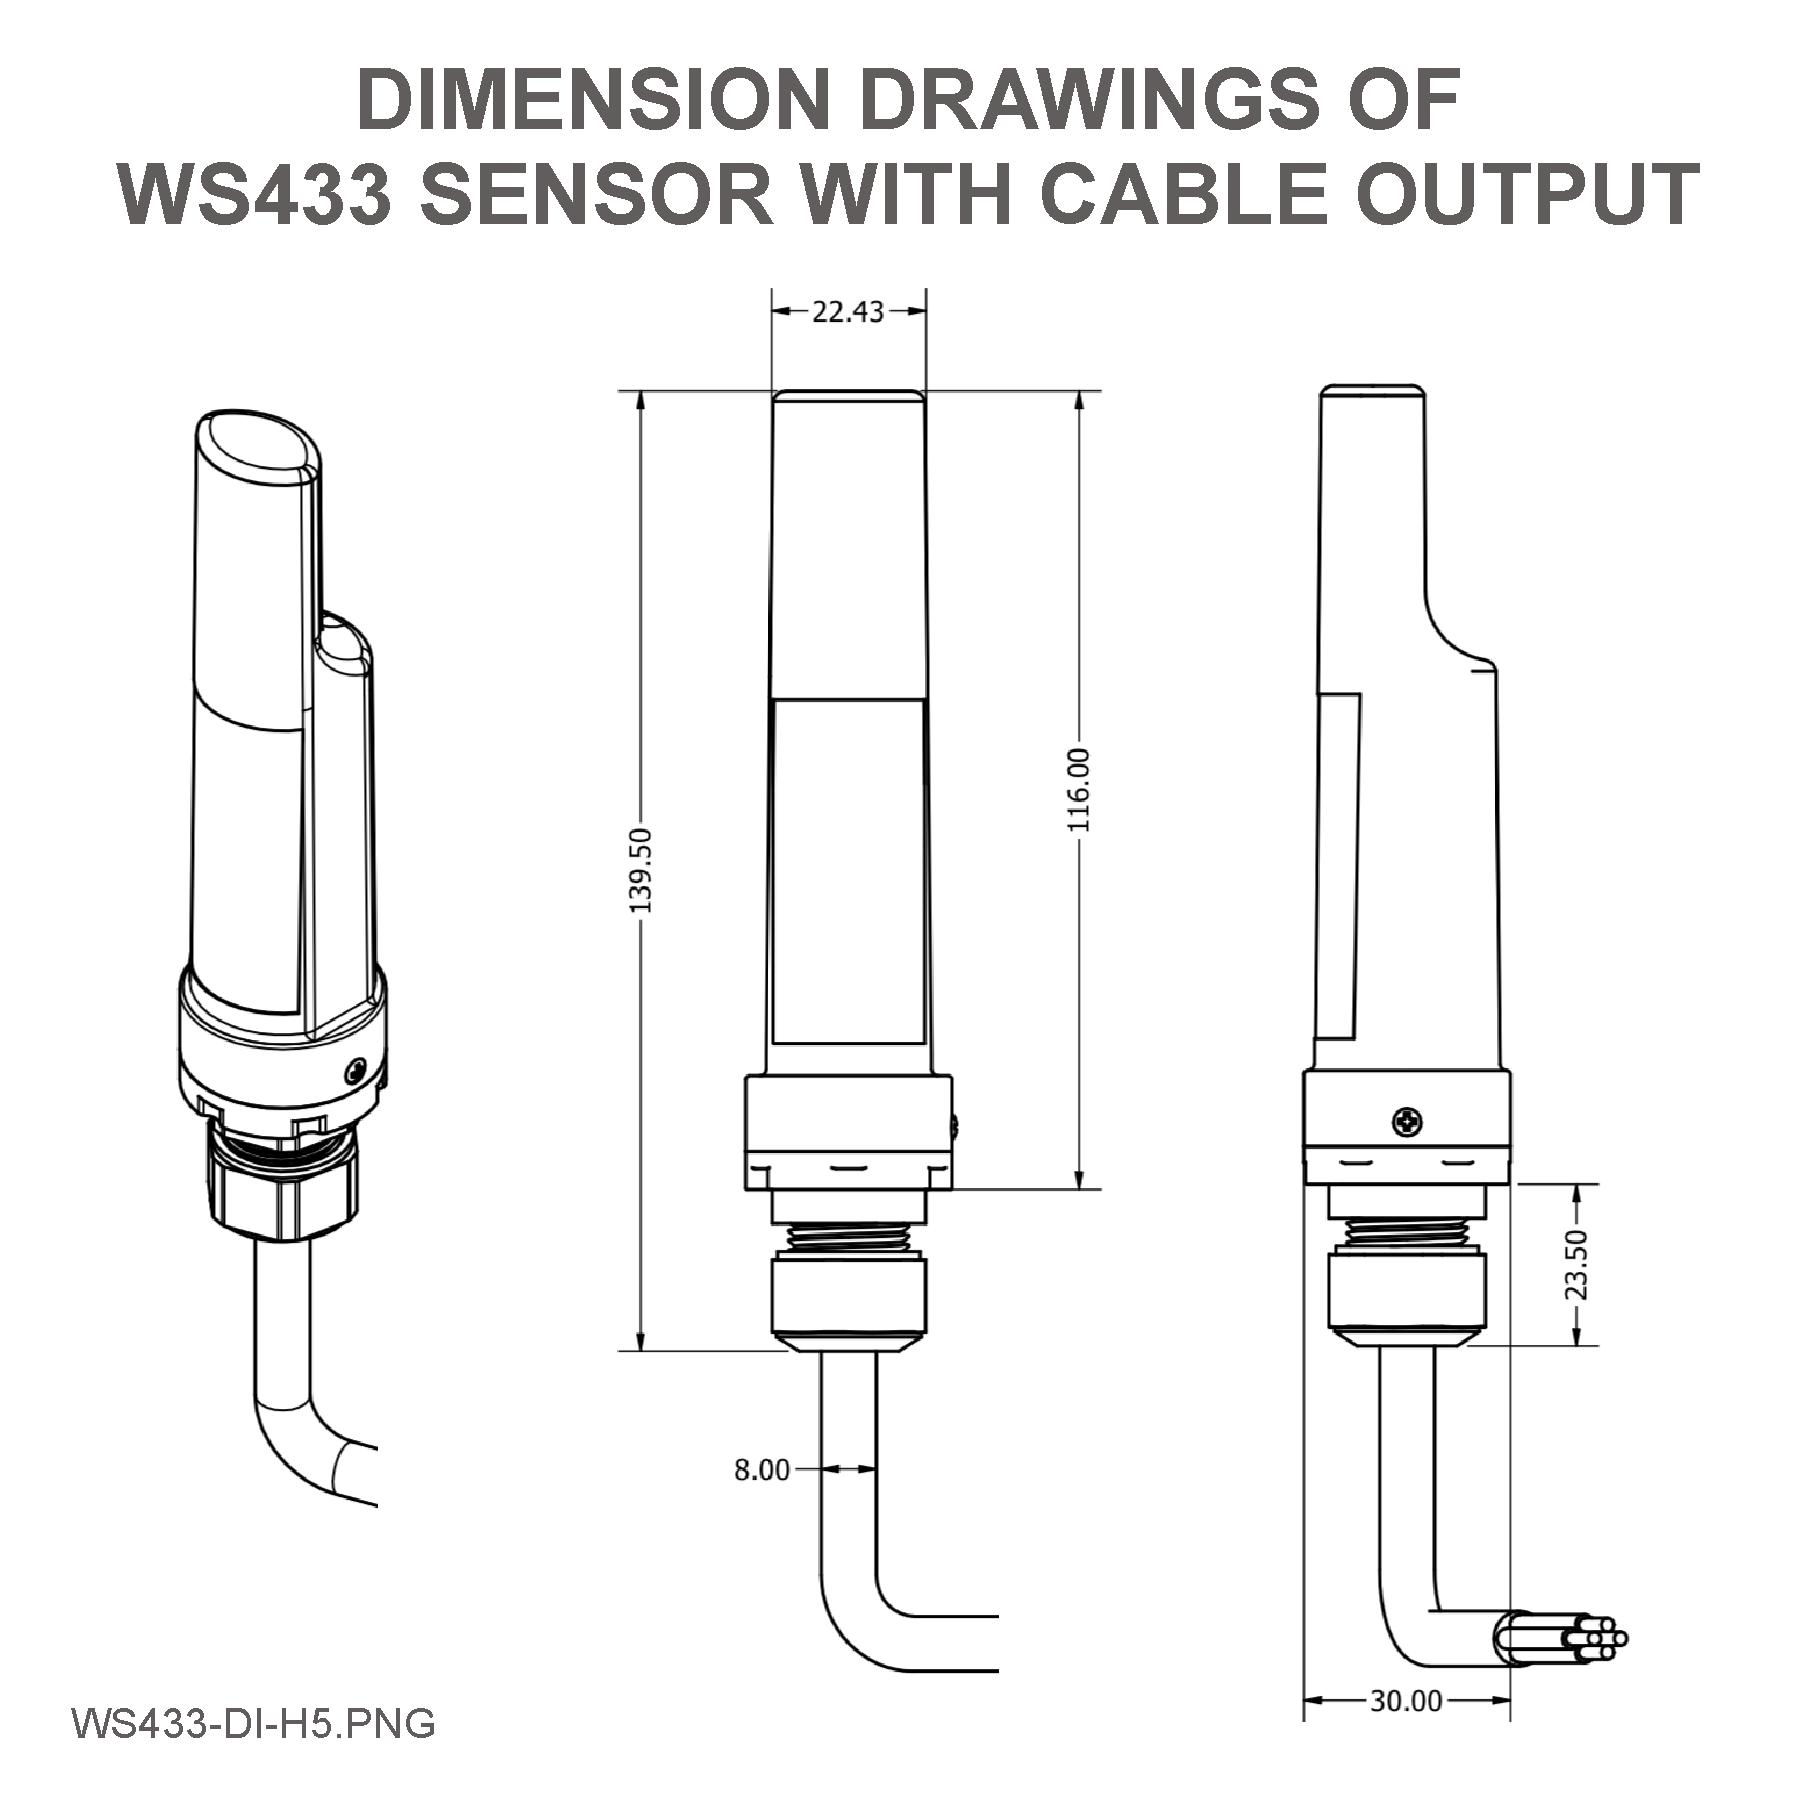 WS433-DI-H5.png